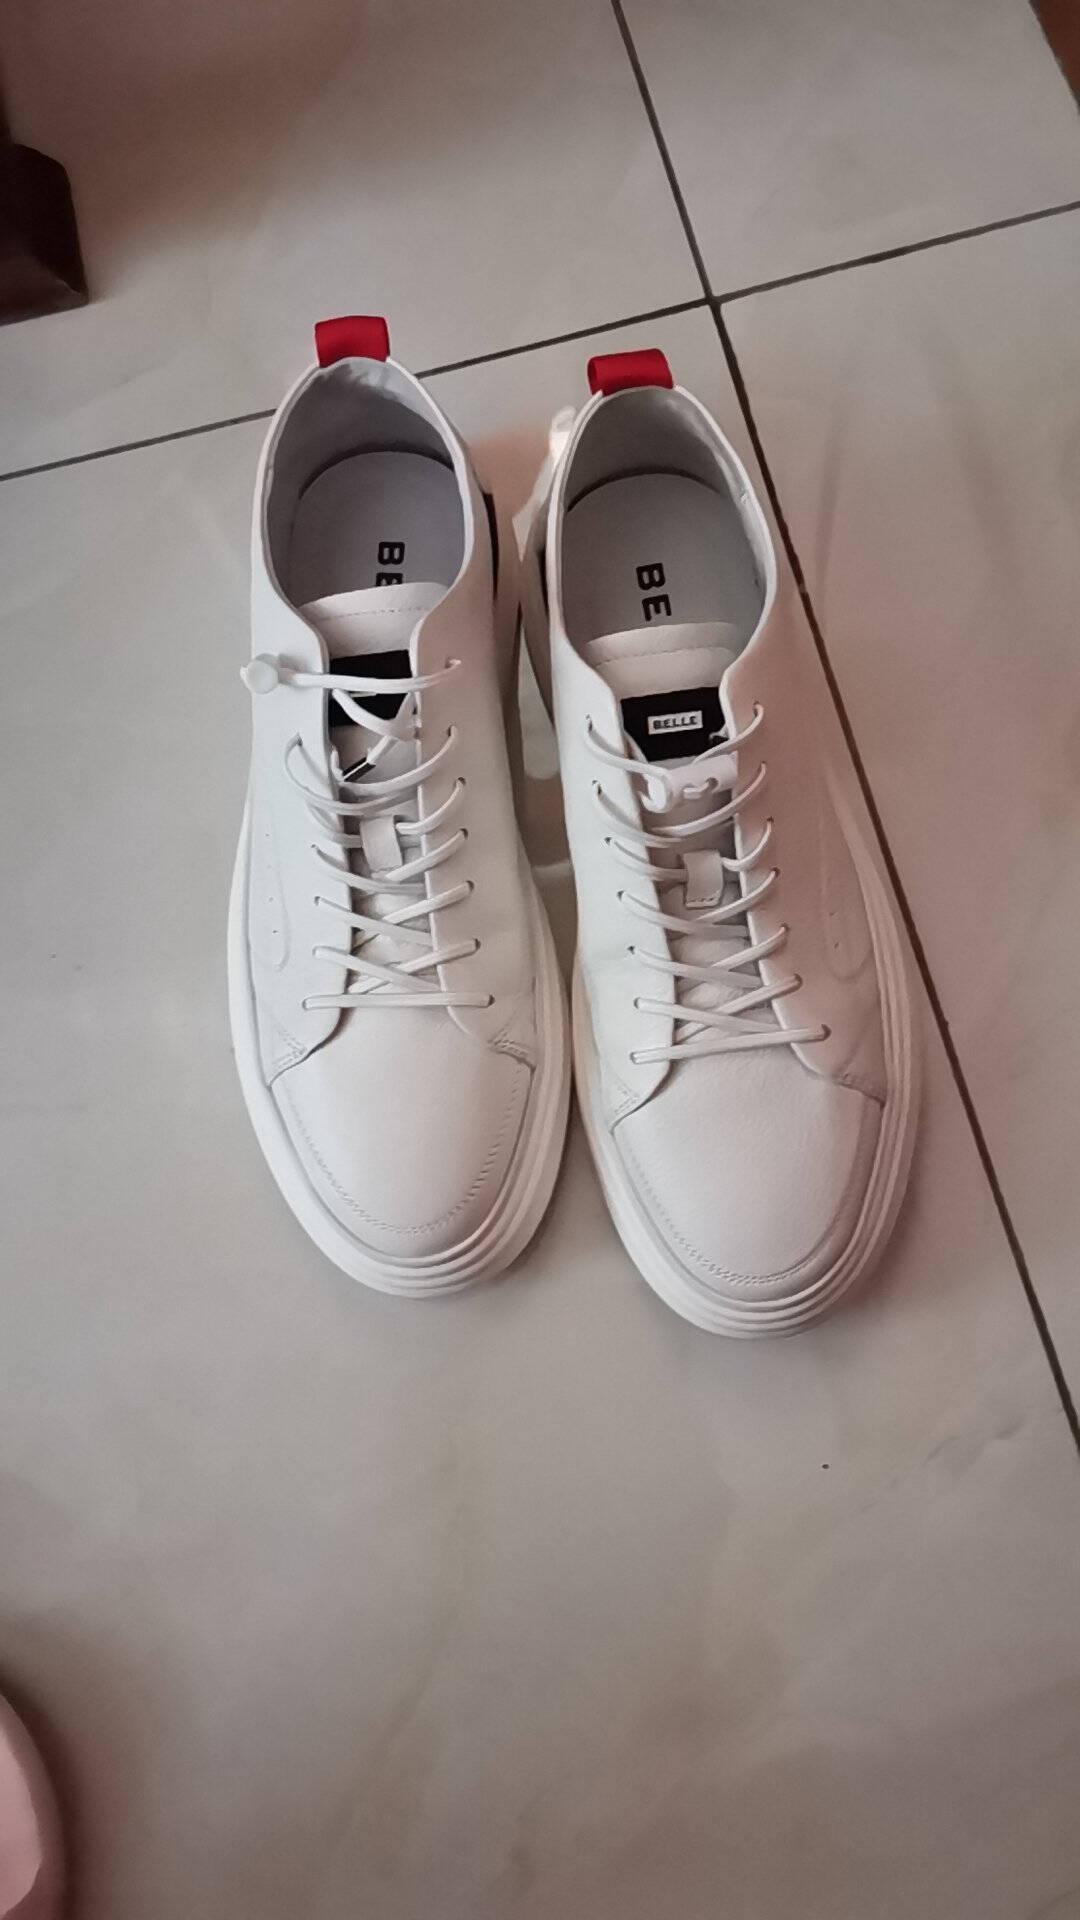 BELLE/百丽商场同款牛皮革男板鞋休闲鞋6VT01AM0黑色40